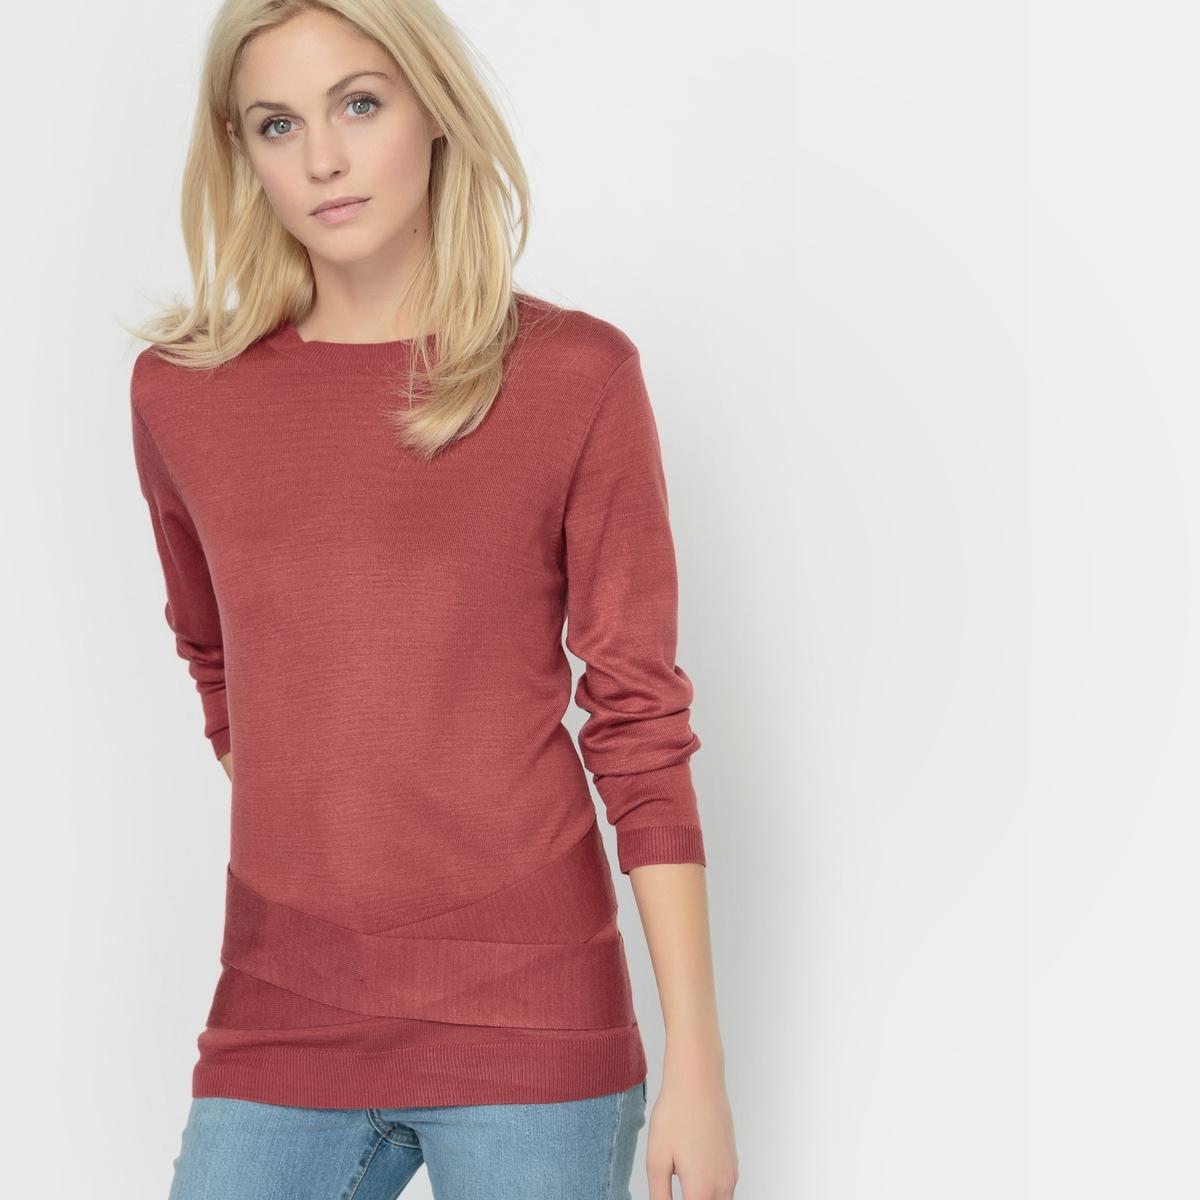 Пуловер на завязкахПуловер с длинным рукавом R ?dition. Пуловер прямого покроя с завязками. Круглый вырез. Состав и описание :Длина : 63 смМатериал : 80% акрила, 20% полиамидаМарка :      R ?ditionУходСтирка при 30° с одеждой подобного цвета Не гладить<br><br>Цвет: синий морской,темно-розовый